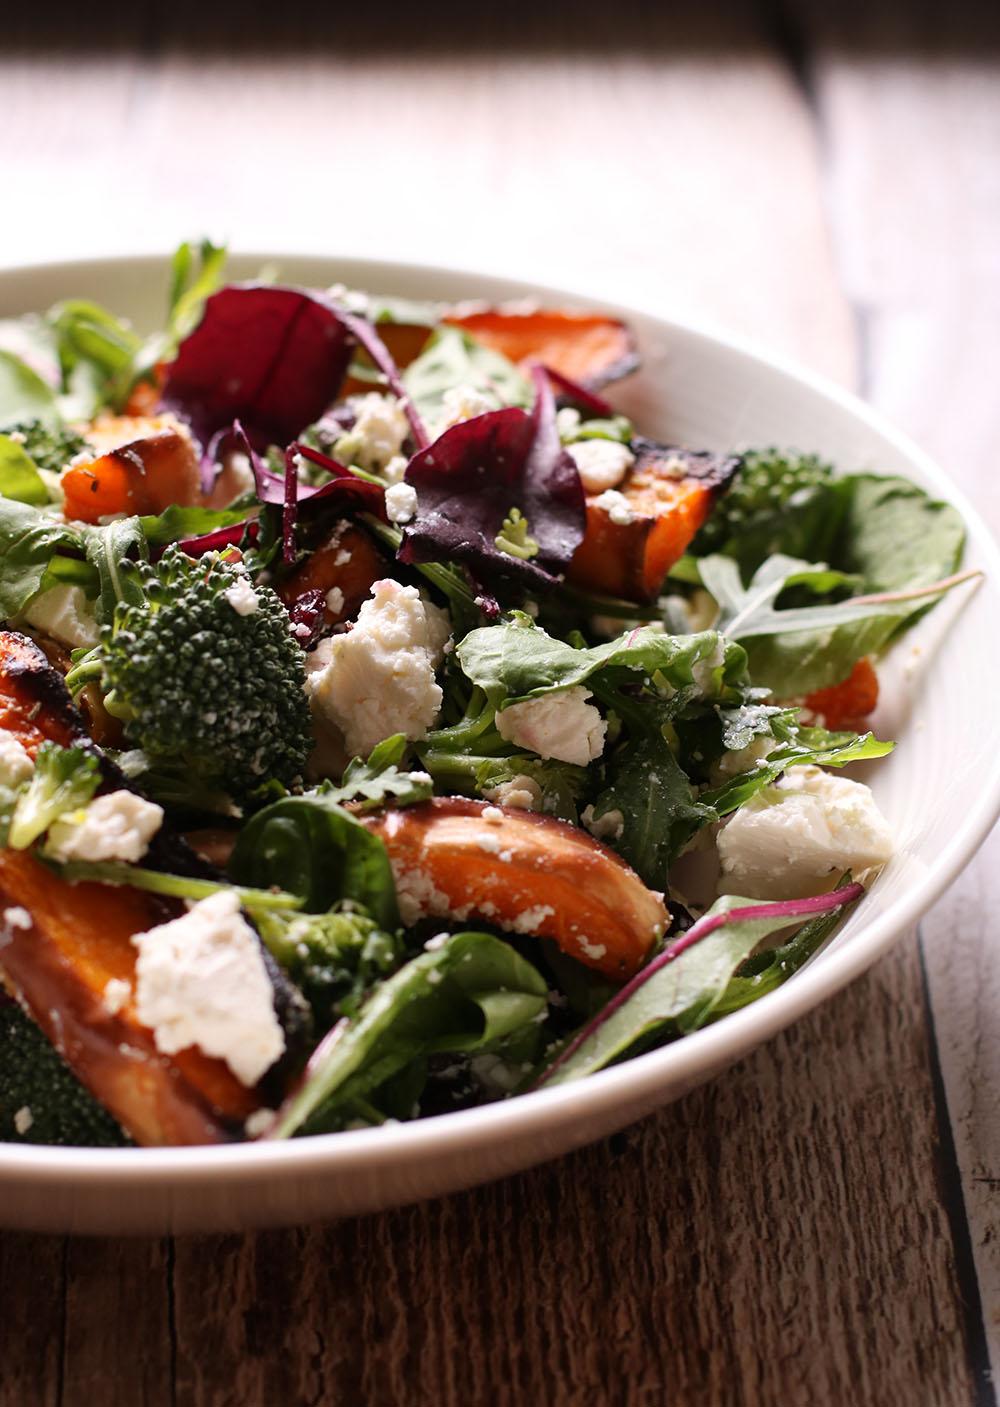 Syndig opskrift på salat med butternut squash